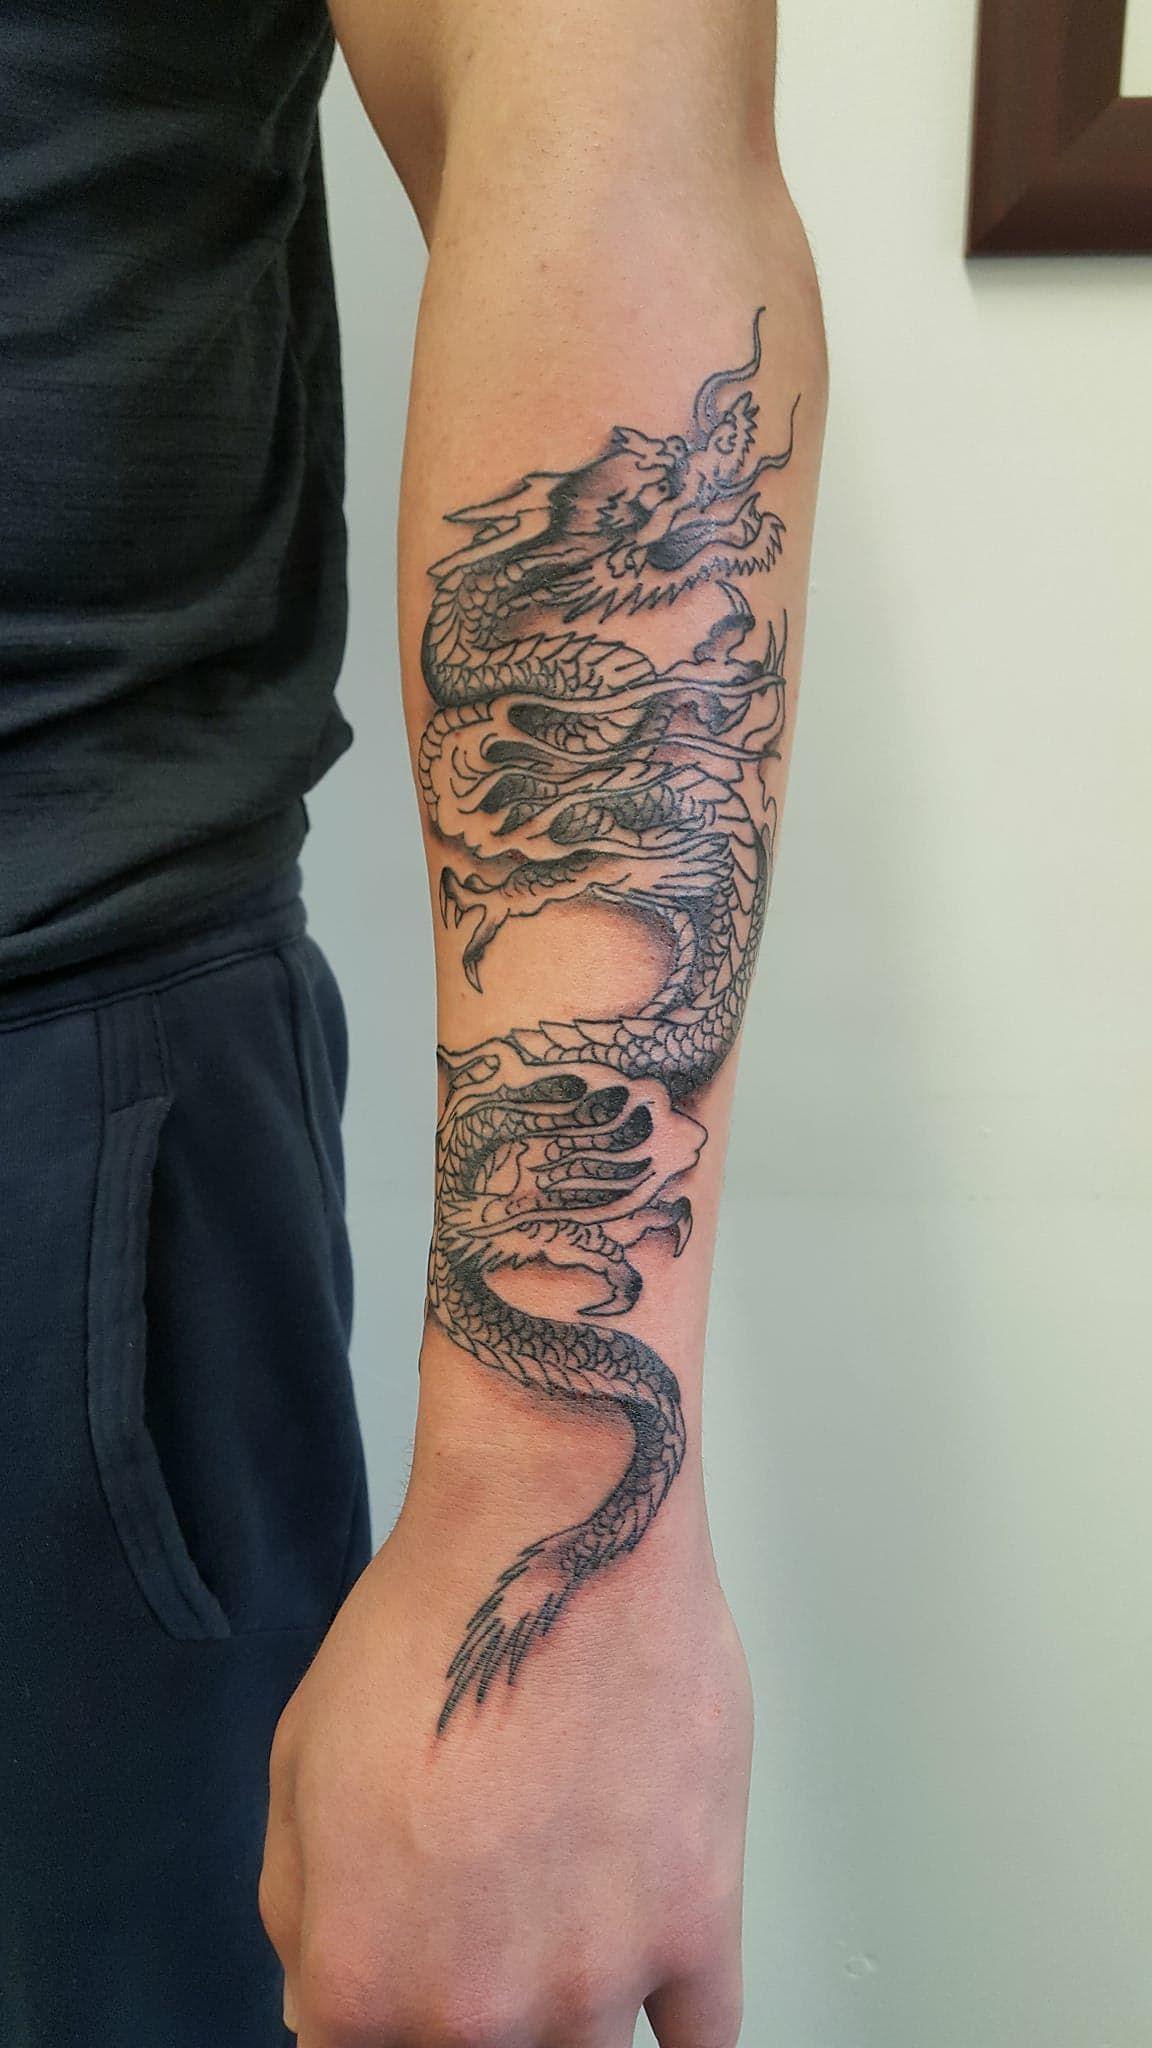 Dragon Arm Tattoo Dragontattoo Tattoo Ink Dragon Tattoo Arm Dragon Sleeve Tattoos Dragon Tattoos For Men